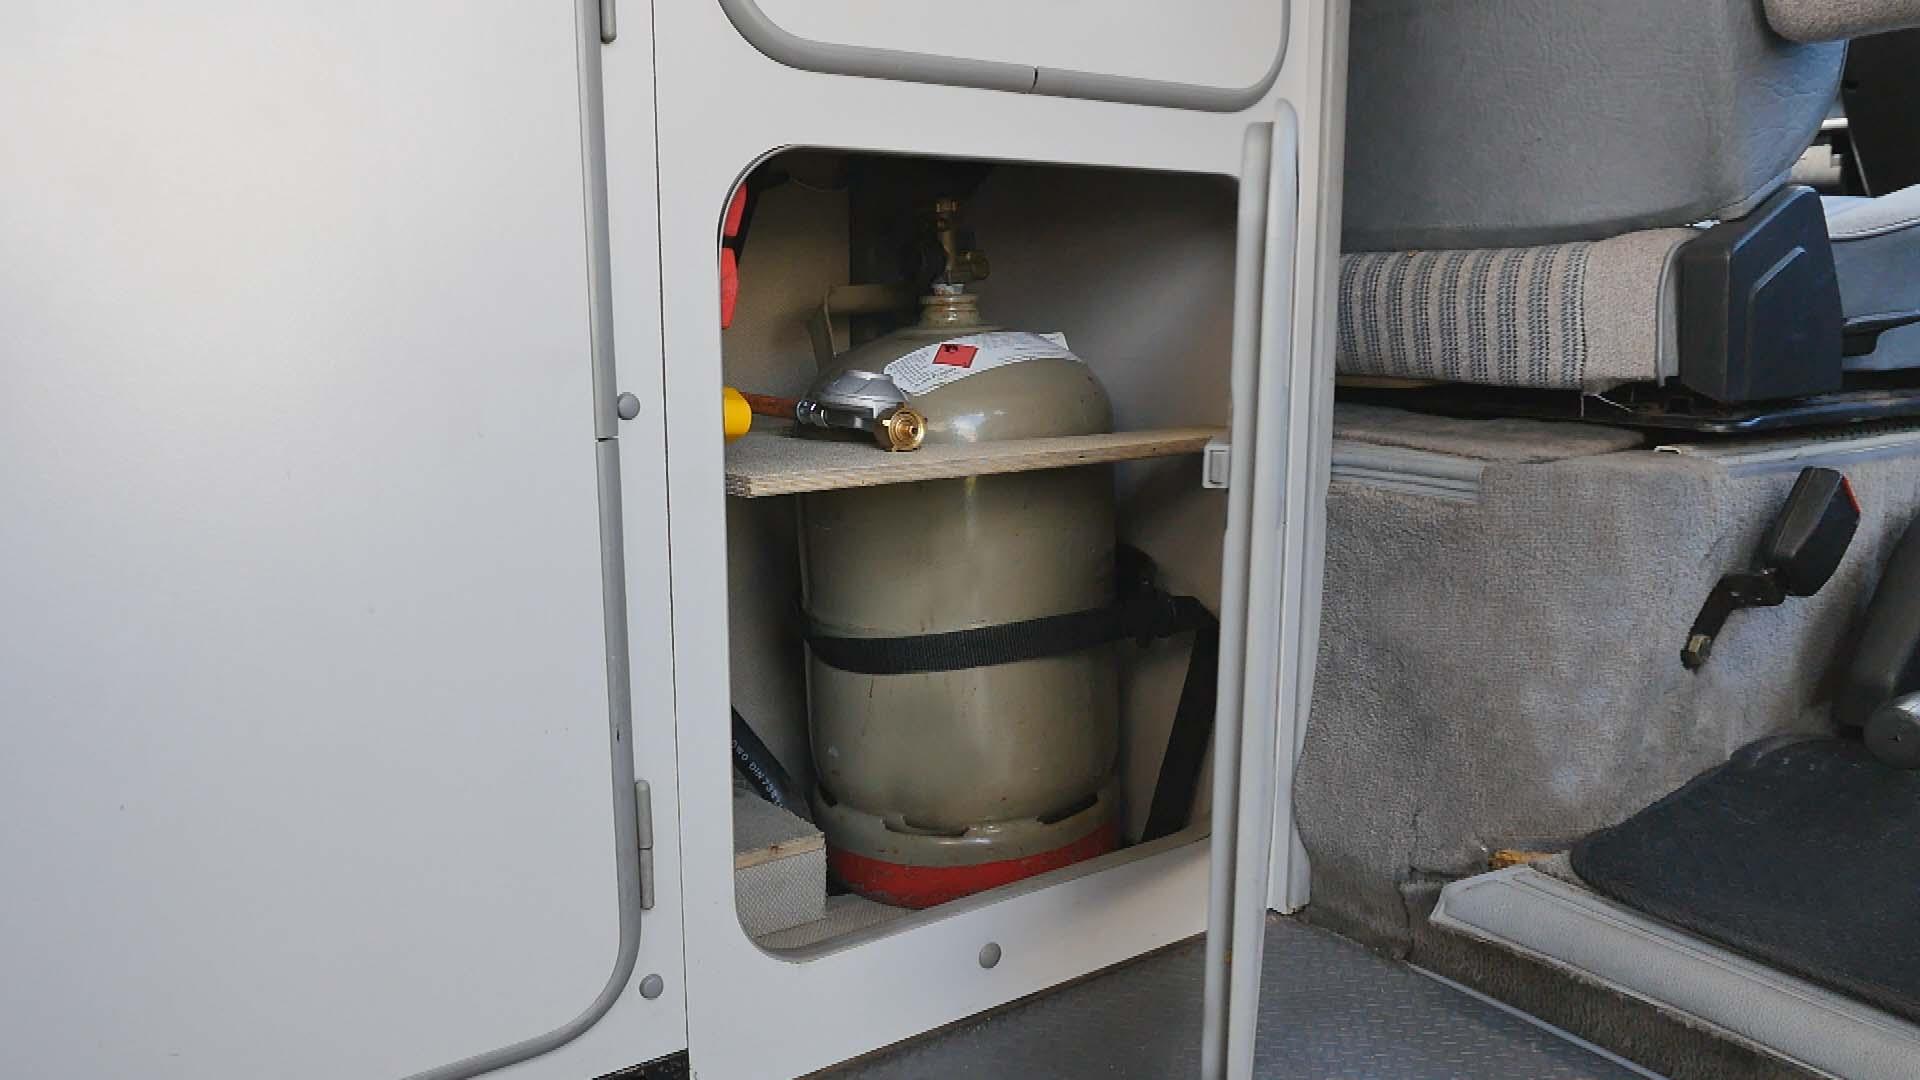 BulliHoliday VW Bulli mieten Kuno - unteres Bett ausgeklappt